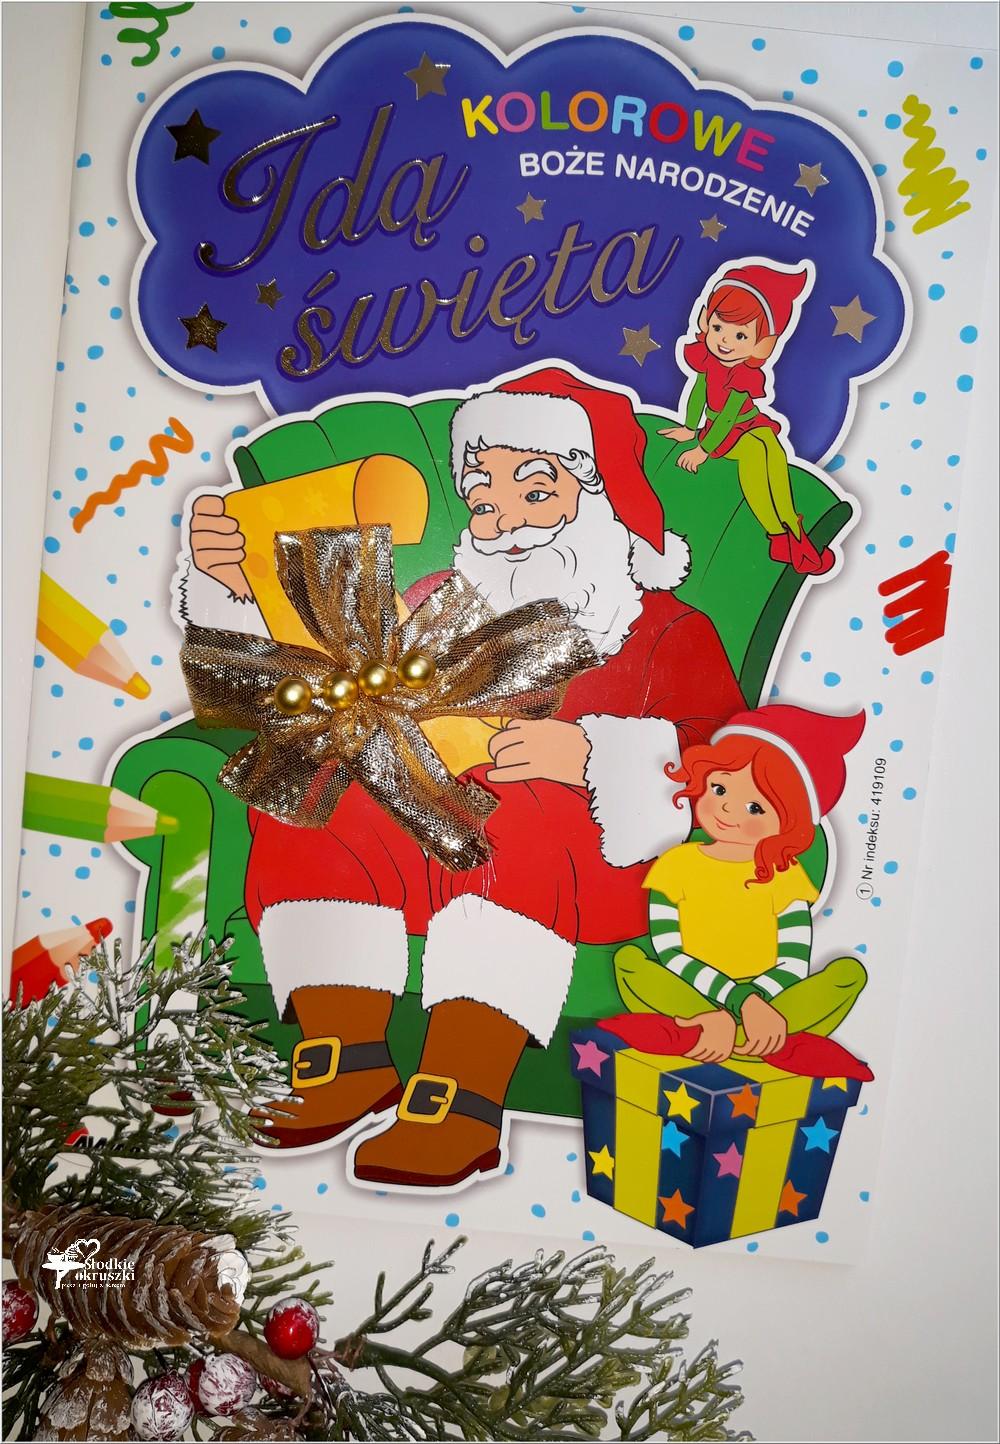 Kolorowe Boże Narodzenie. Idą Święta. Wyd. AWM (1)